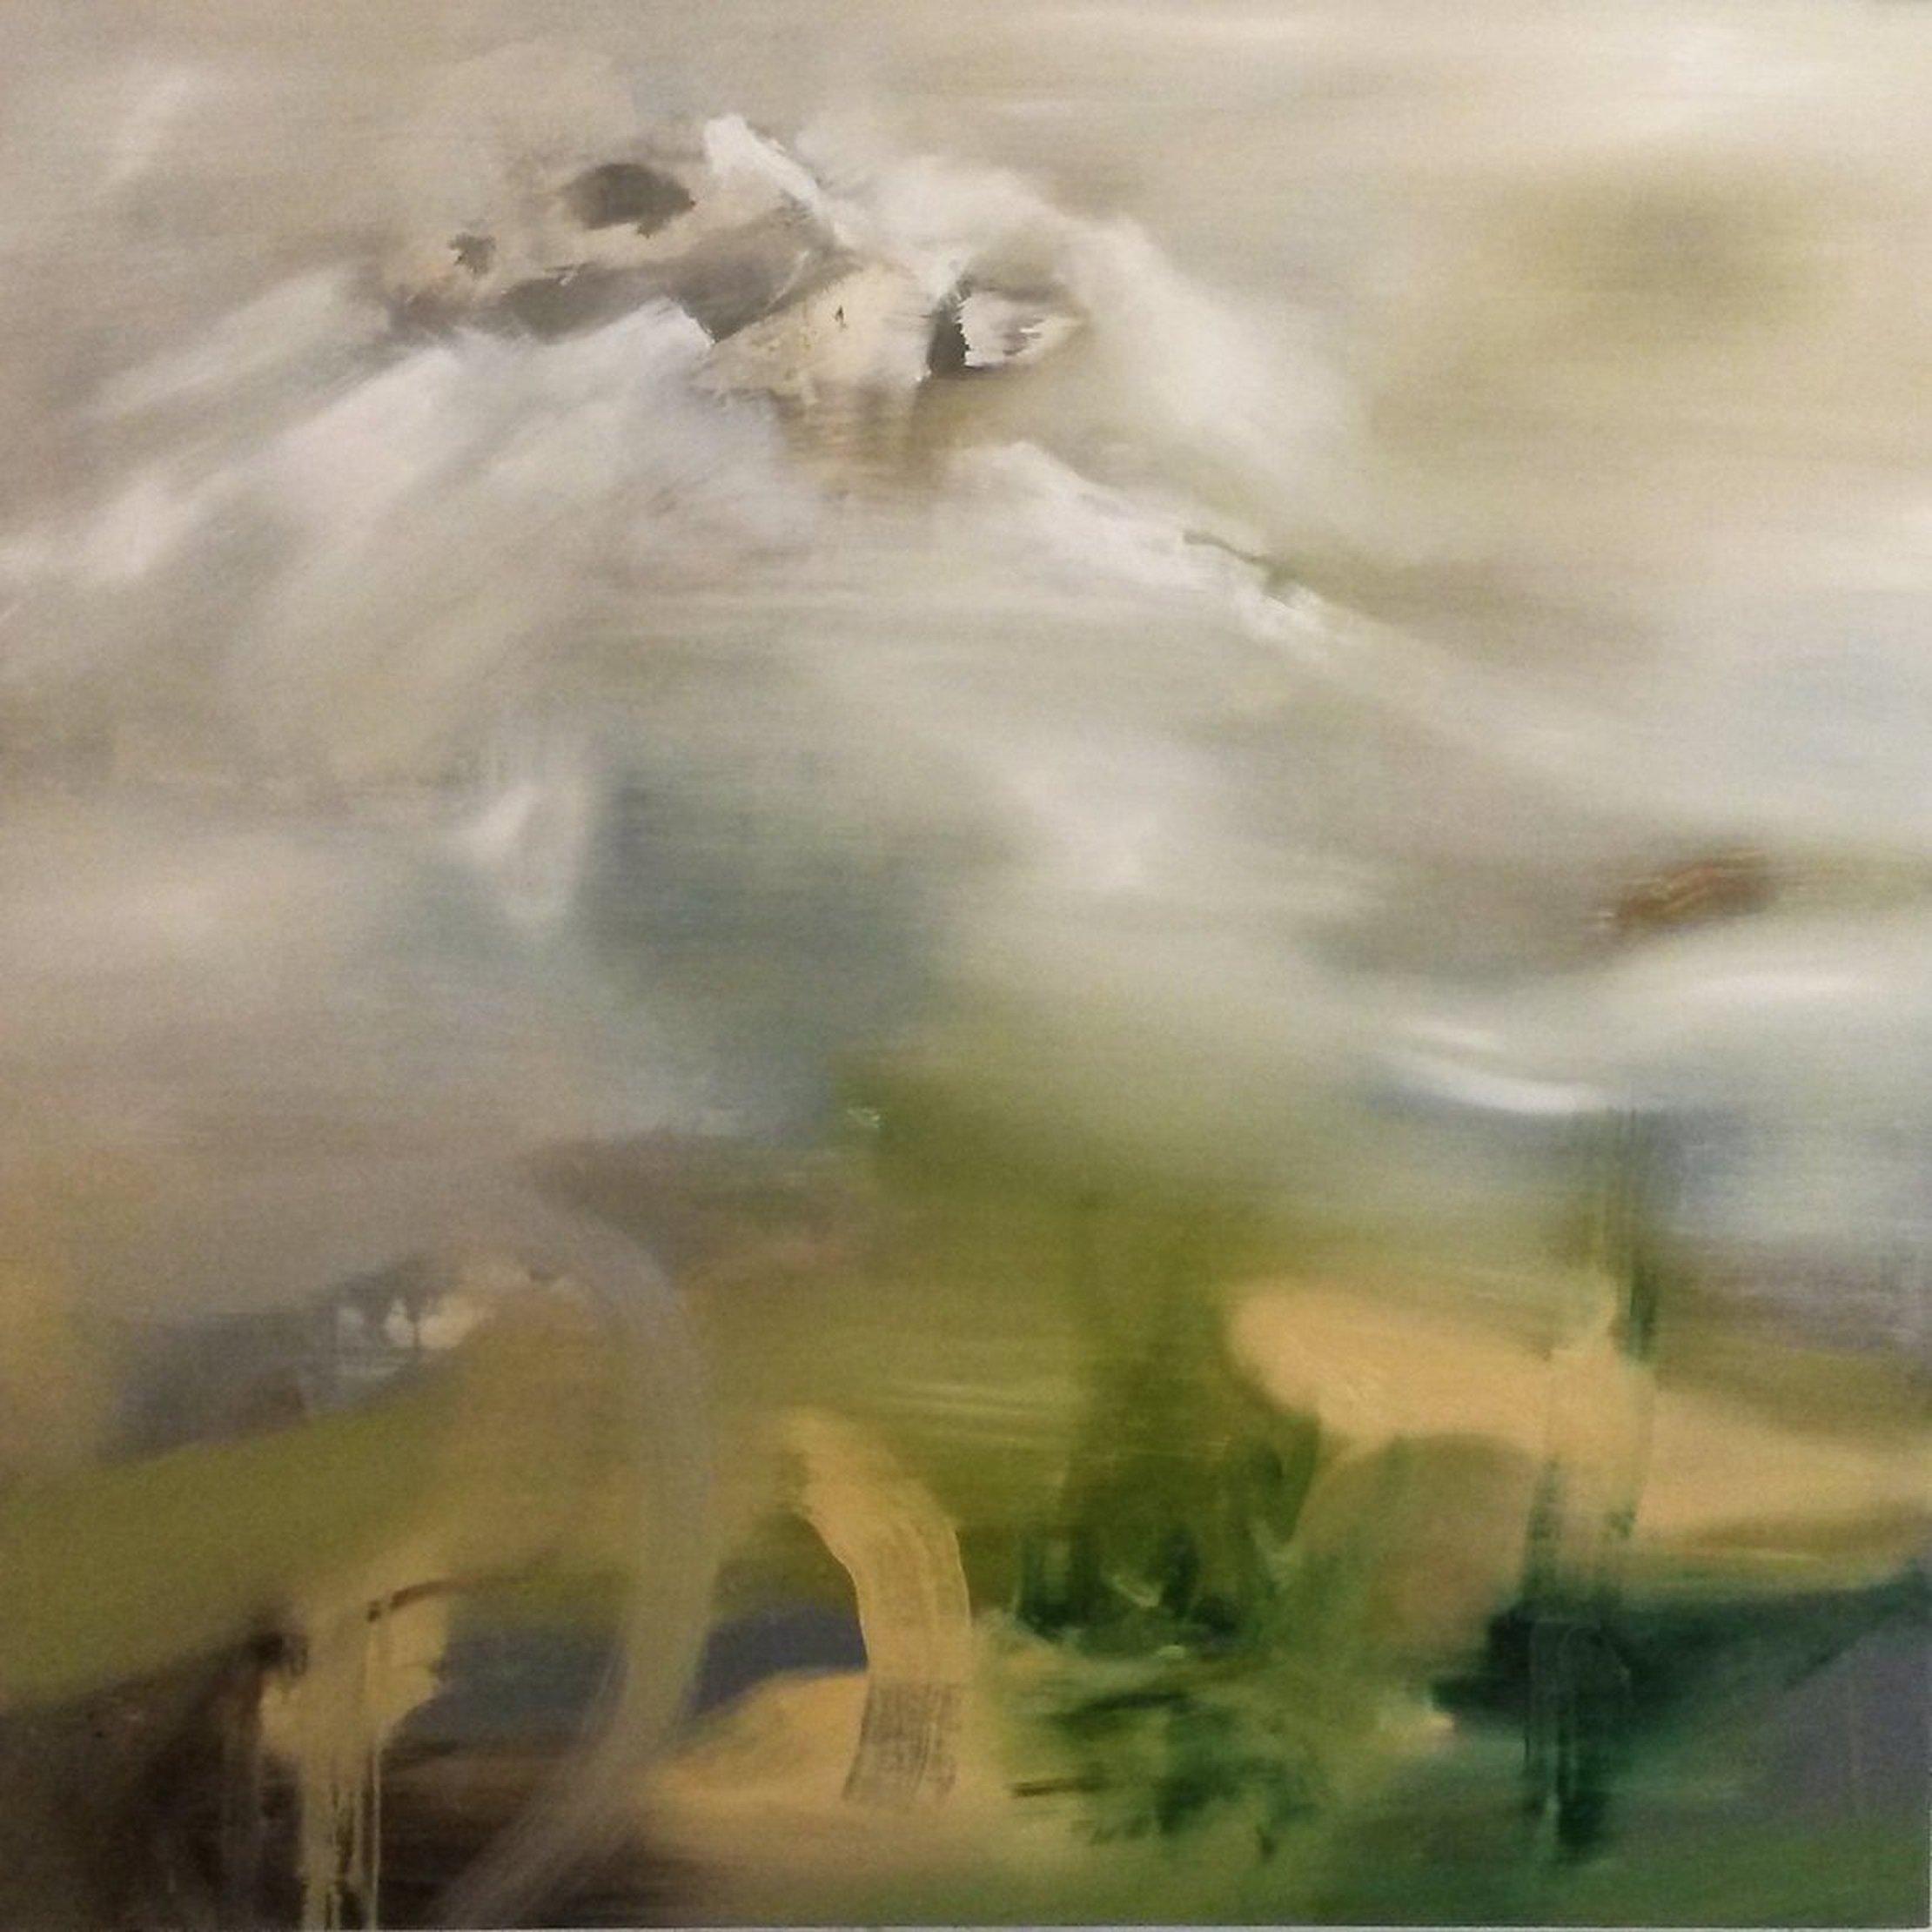 Angelo Bellobono, Migrant, 2017, olio e acrilico su tela, 150x150 cm